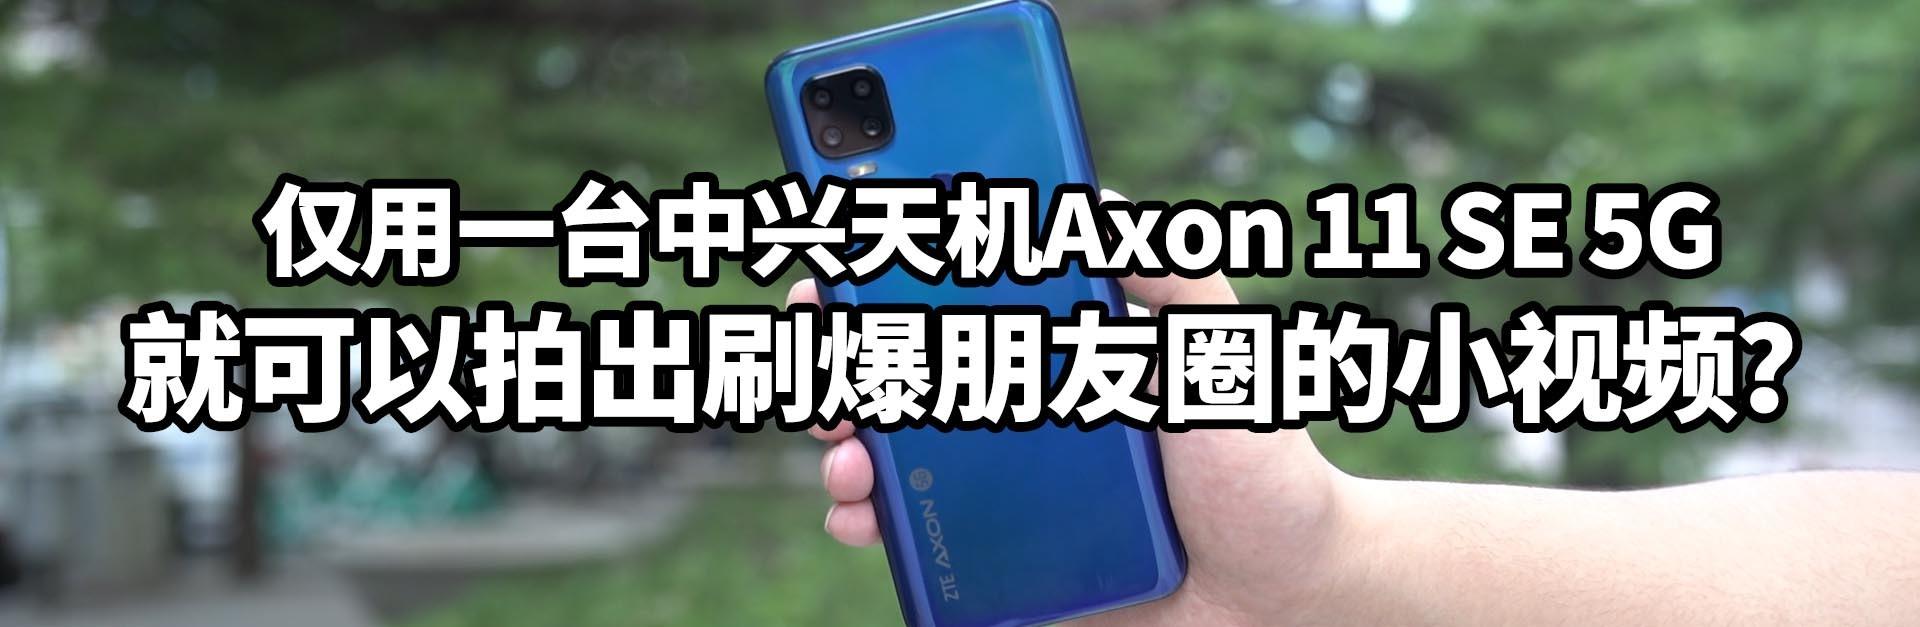 用中興天機Axon 11 SE 5G拍出刷爆朋友圈的小視頻